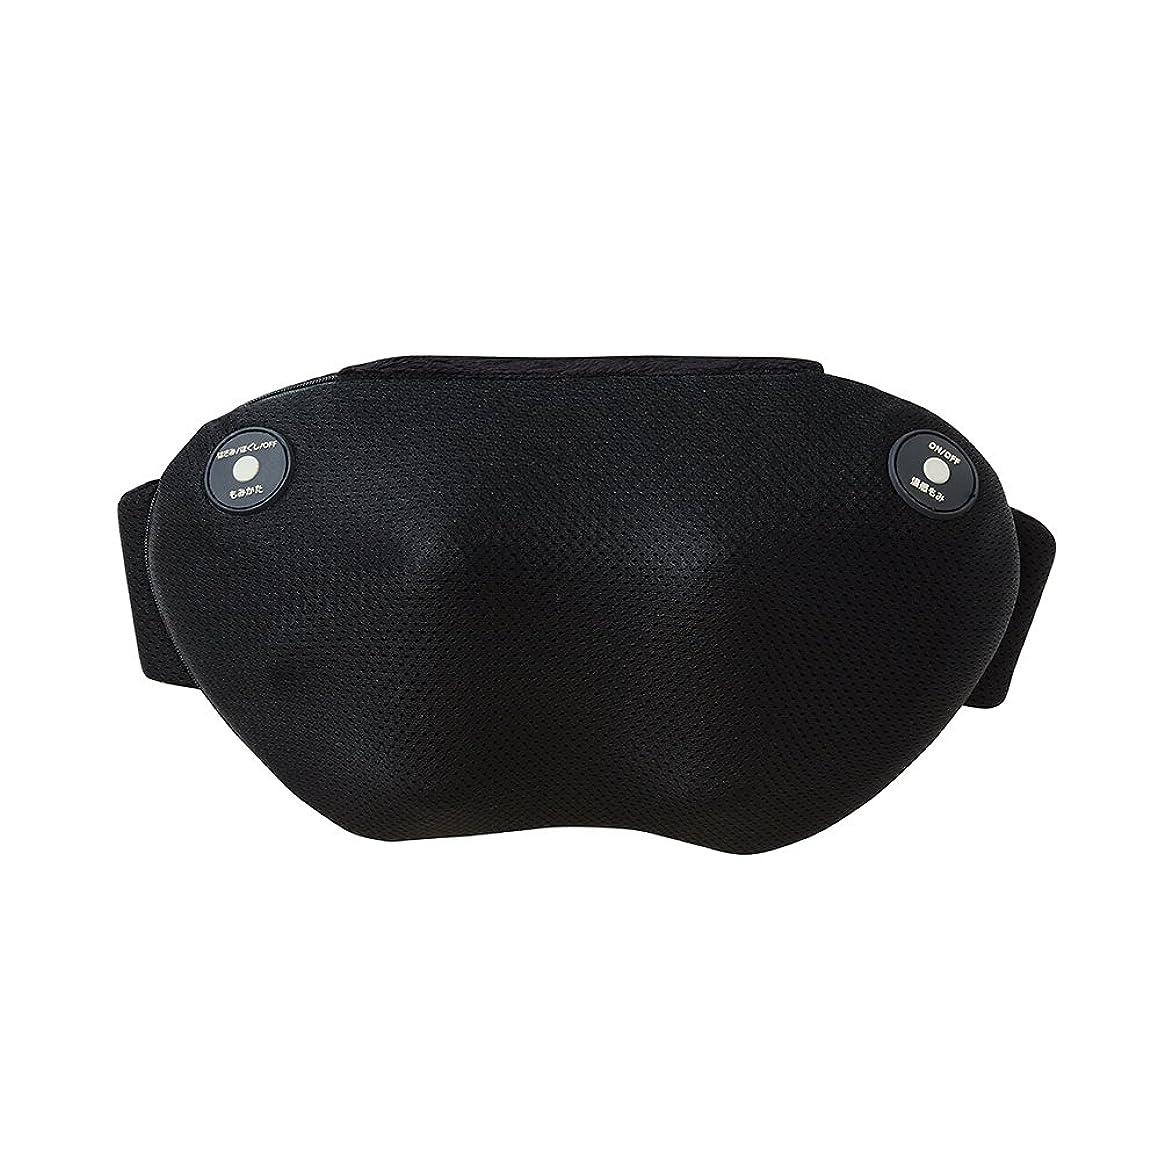 資格情報断言する台風ドウシシャ マッサージ器 首 肩 腰 腕 もみラックス4 ブラック DPM-1601 BK